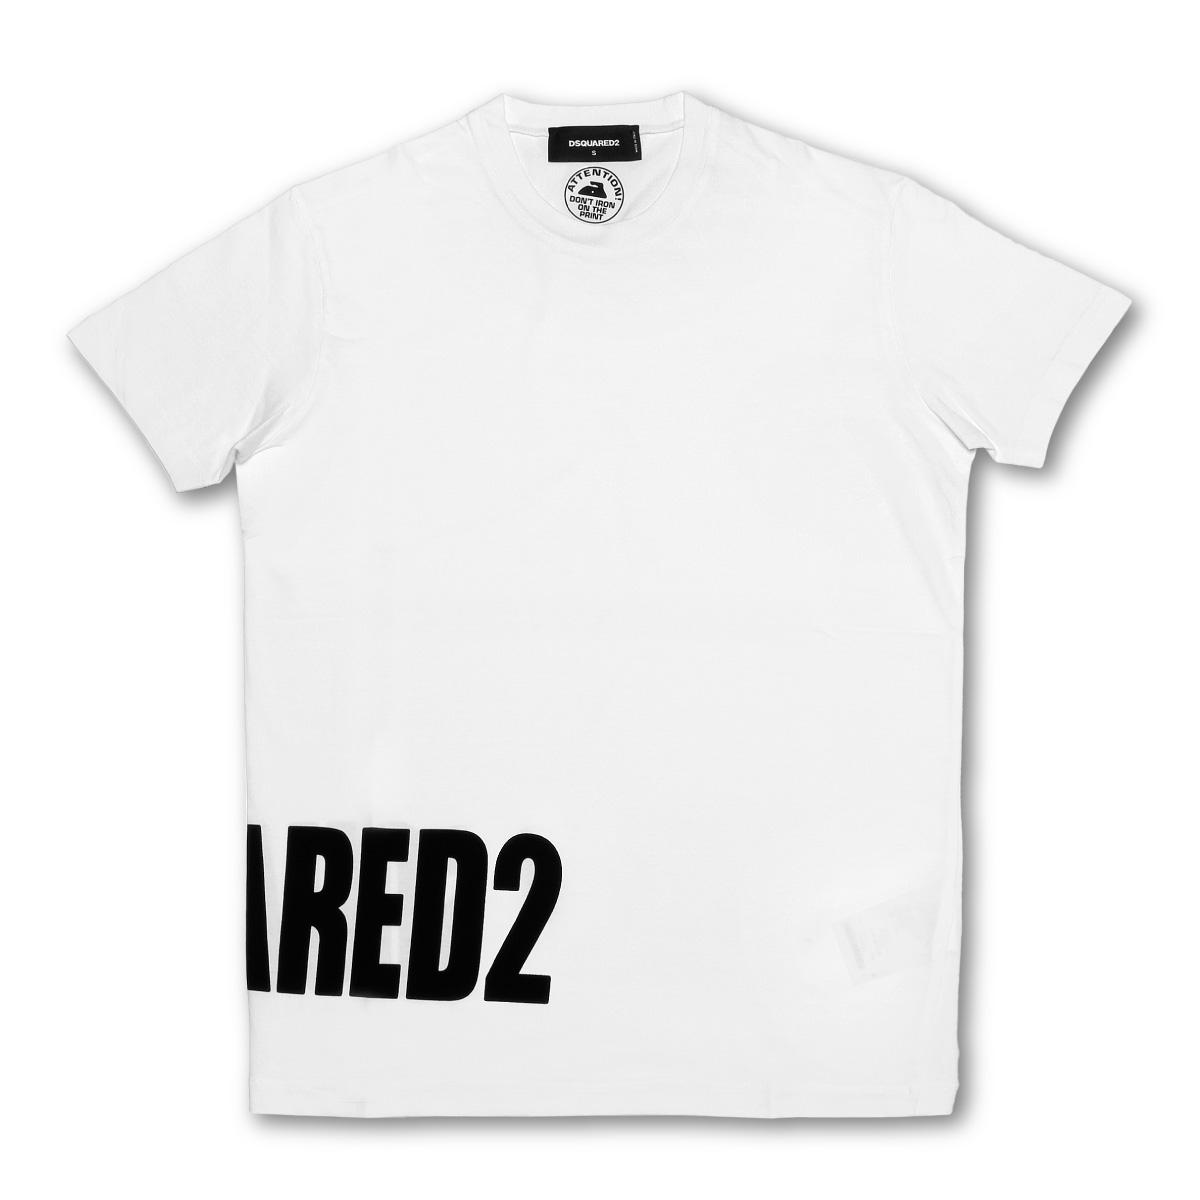 ディースクエアード DSQUARED 2 Tシャツ メンズ S74GD0463 S22427 100 半袖Tシャツ WHITE ホワイト